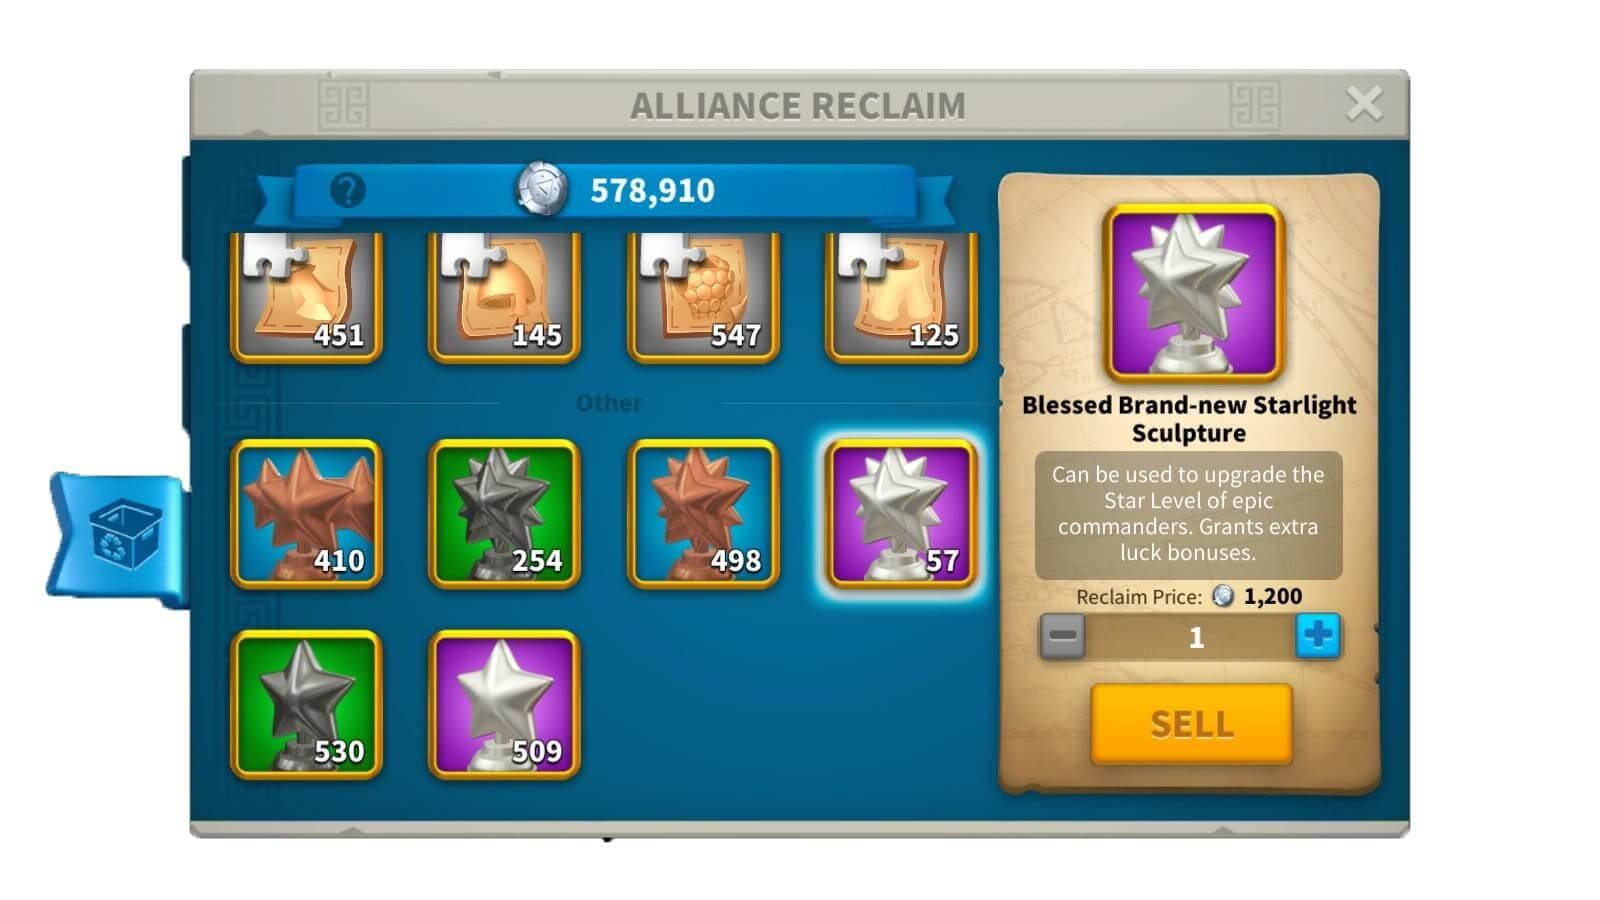 alliance reclaim